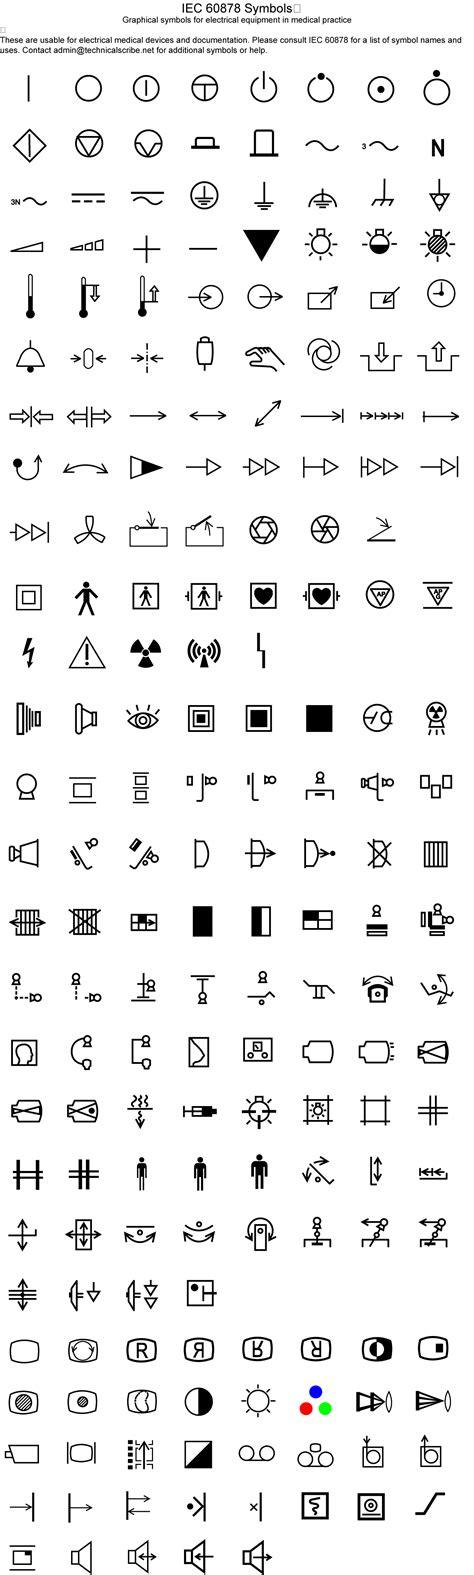 Ausgezeichnet Elektrotechnik Symbol Fotos - Die Besten Elektrischen ...